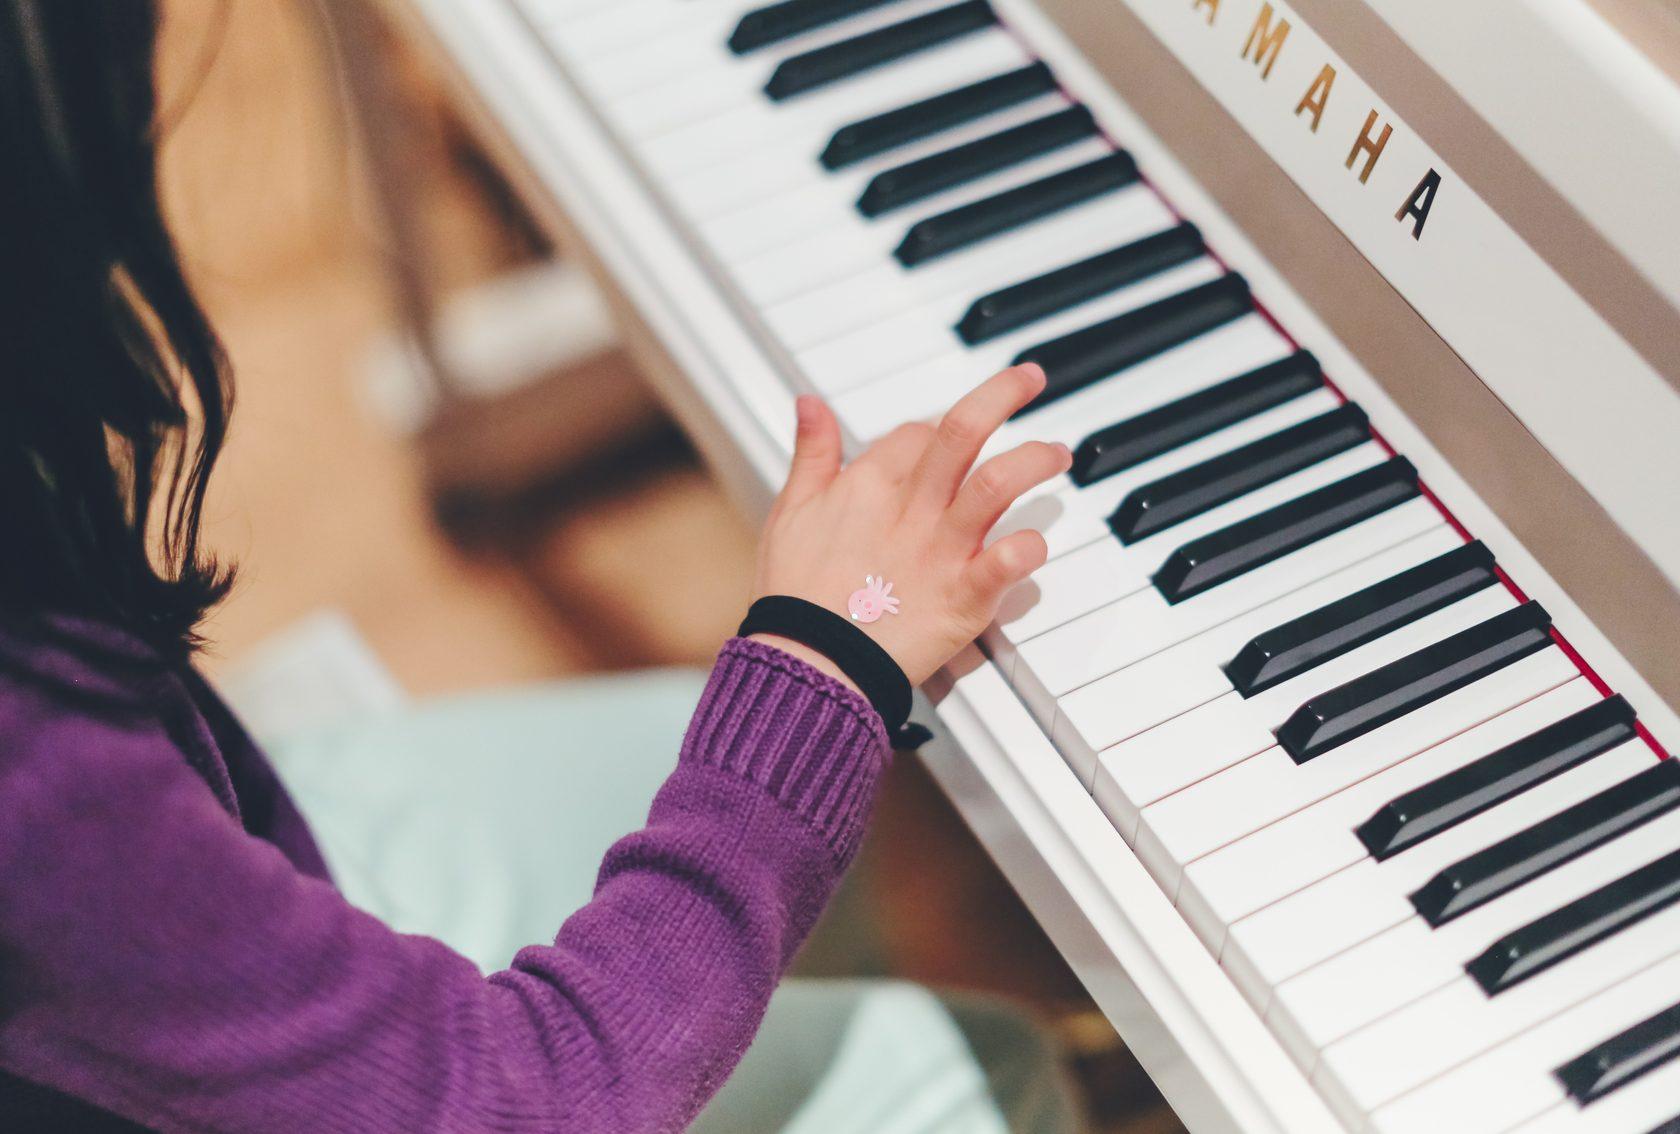 картинки для игры на фортепиано настолько разные многом